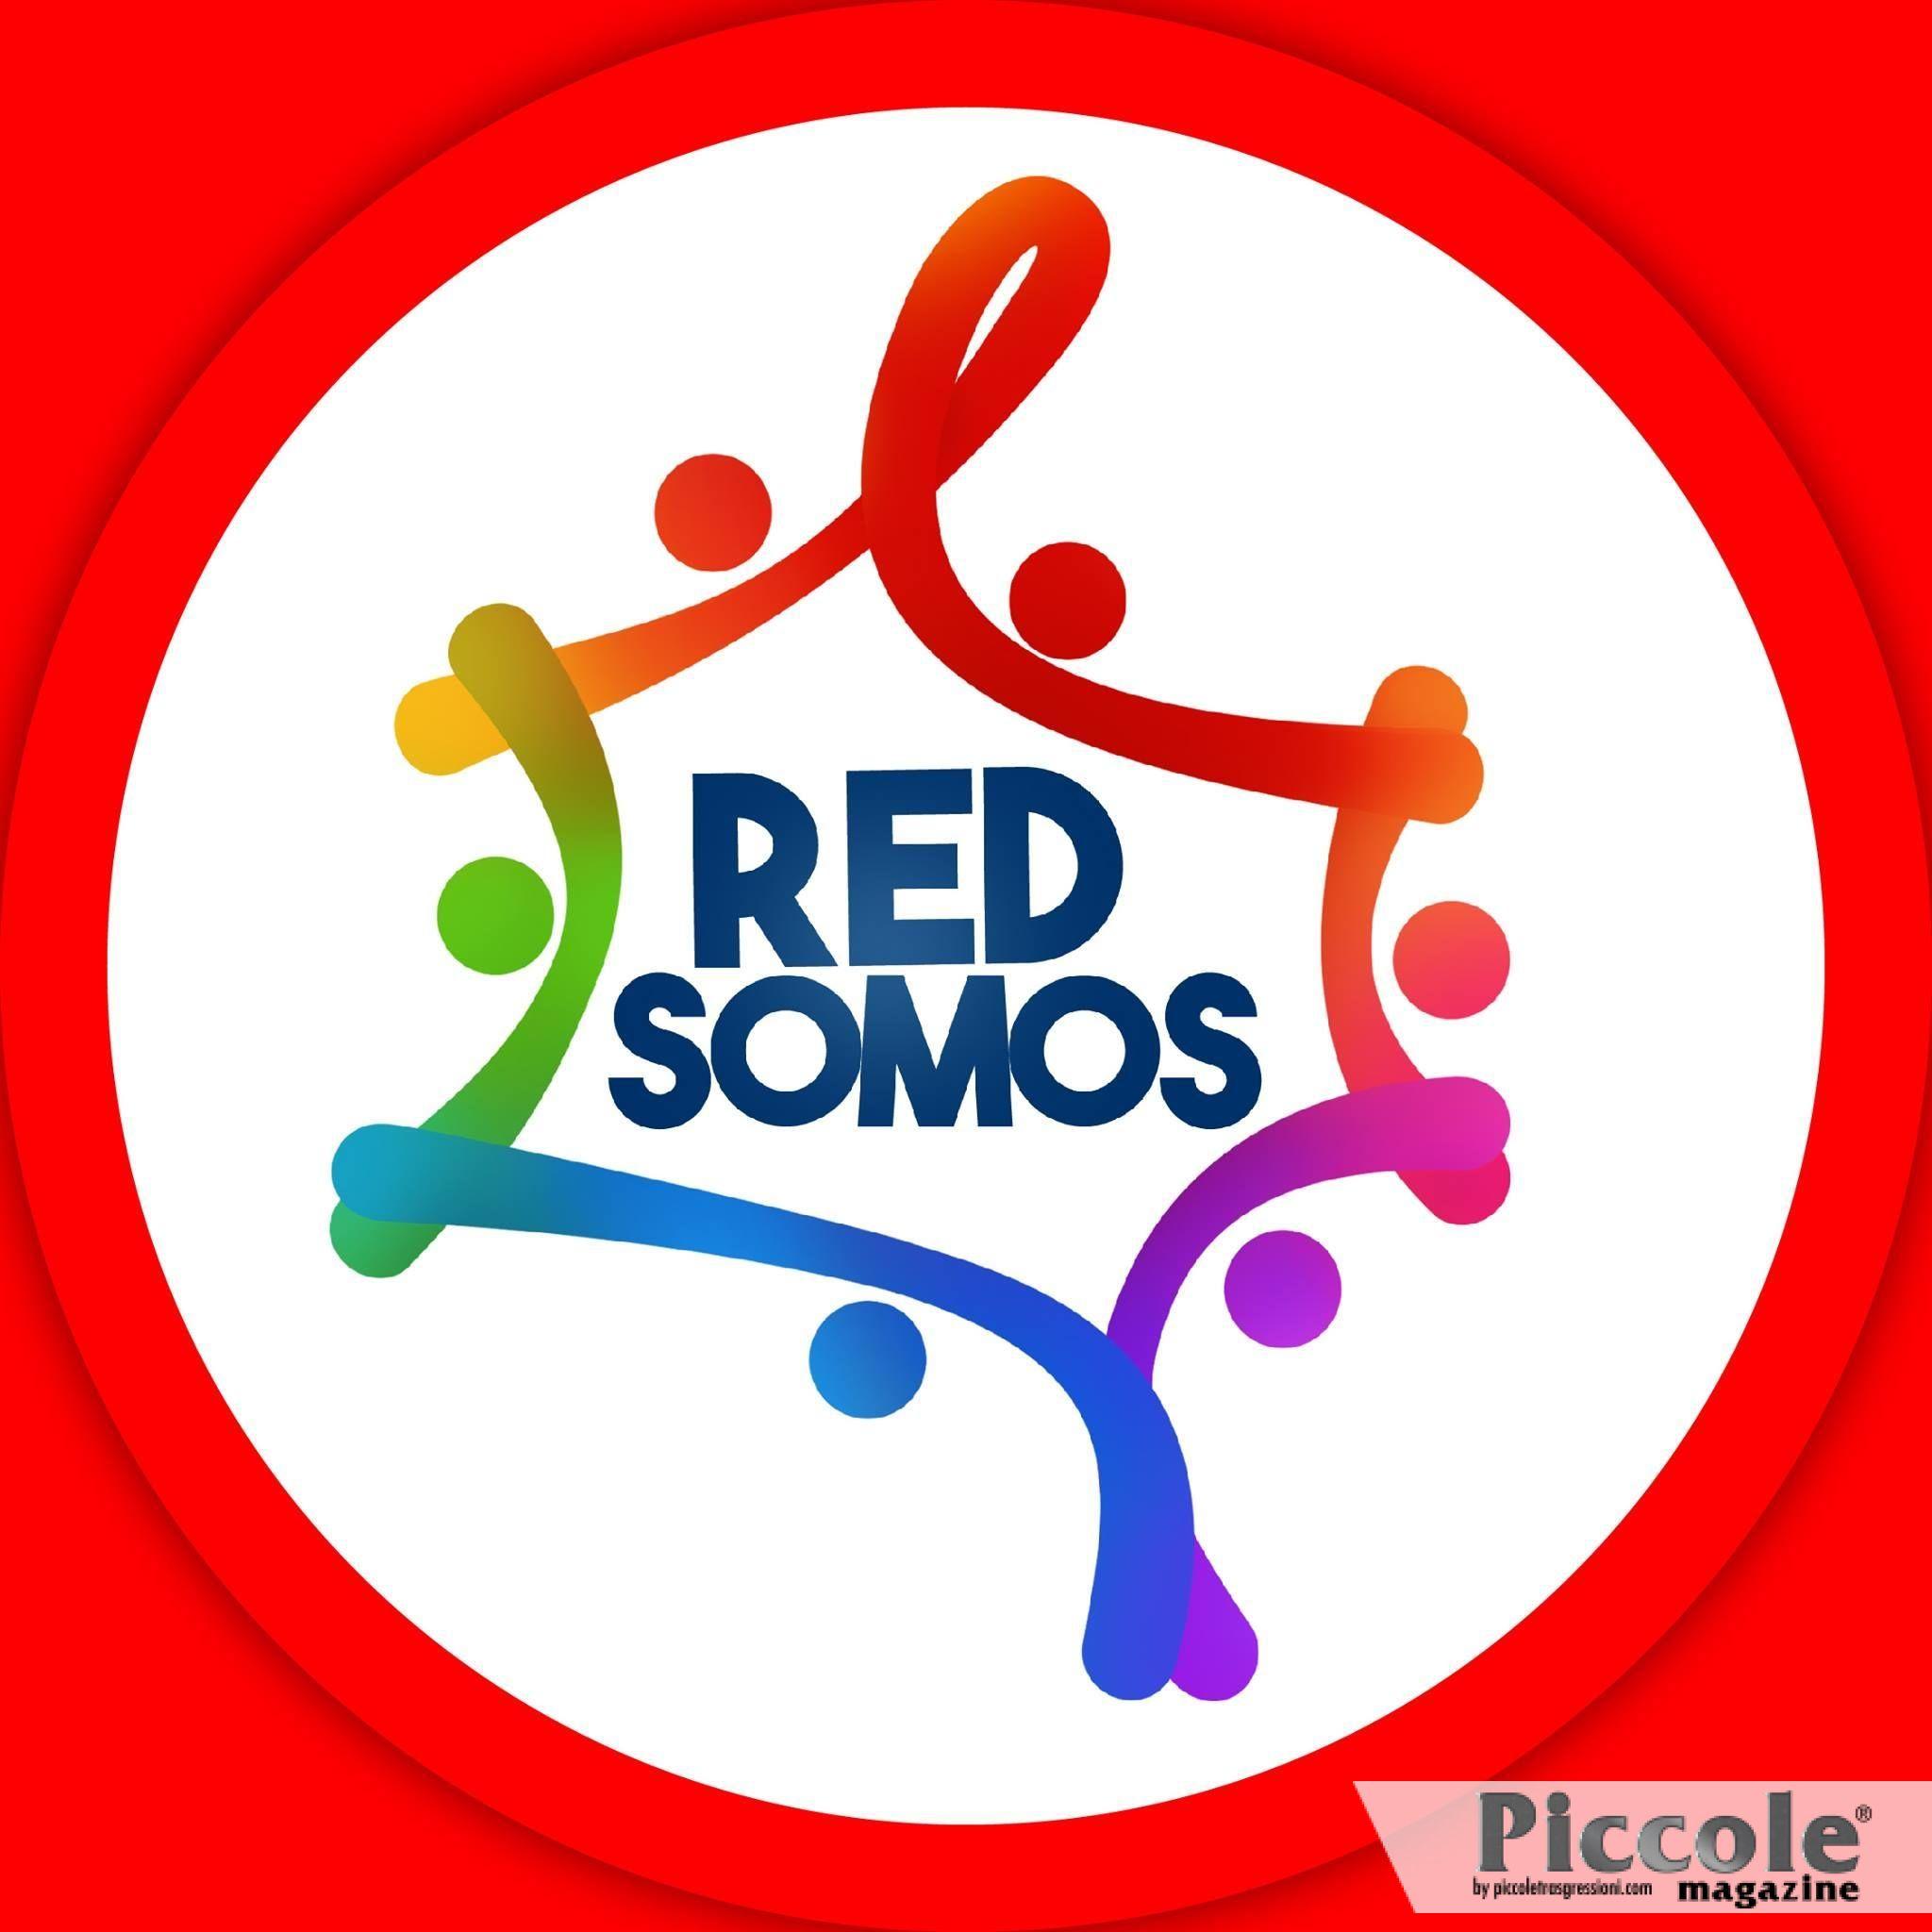 Intervista a Jhon Ramirez dell'Associazione Red Somos: 'Migrazione e HIV in Colombia'